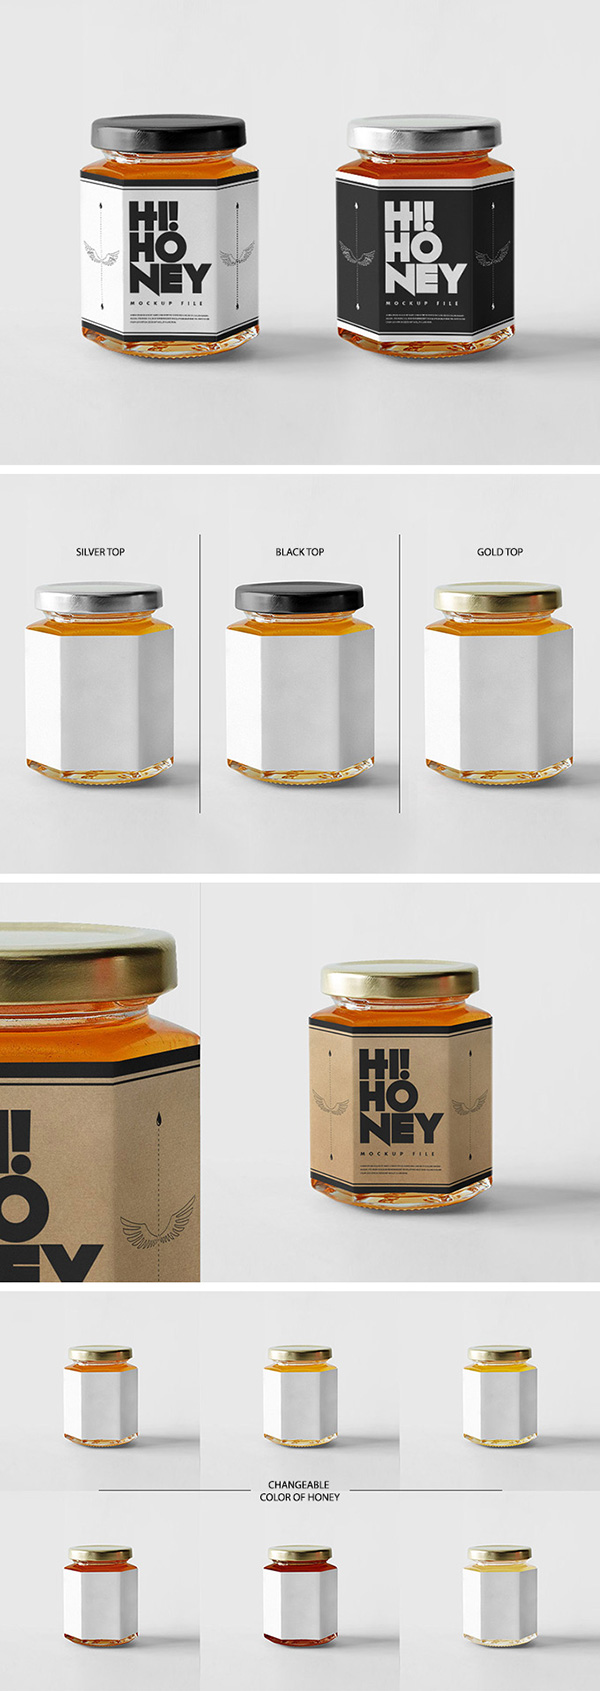 mockups de empaques, Maqueta de tarro de miel